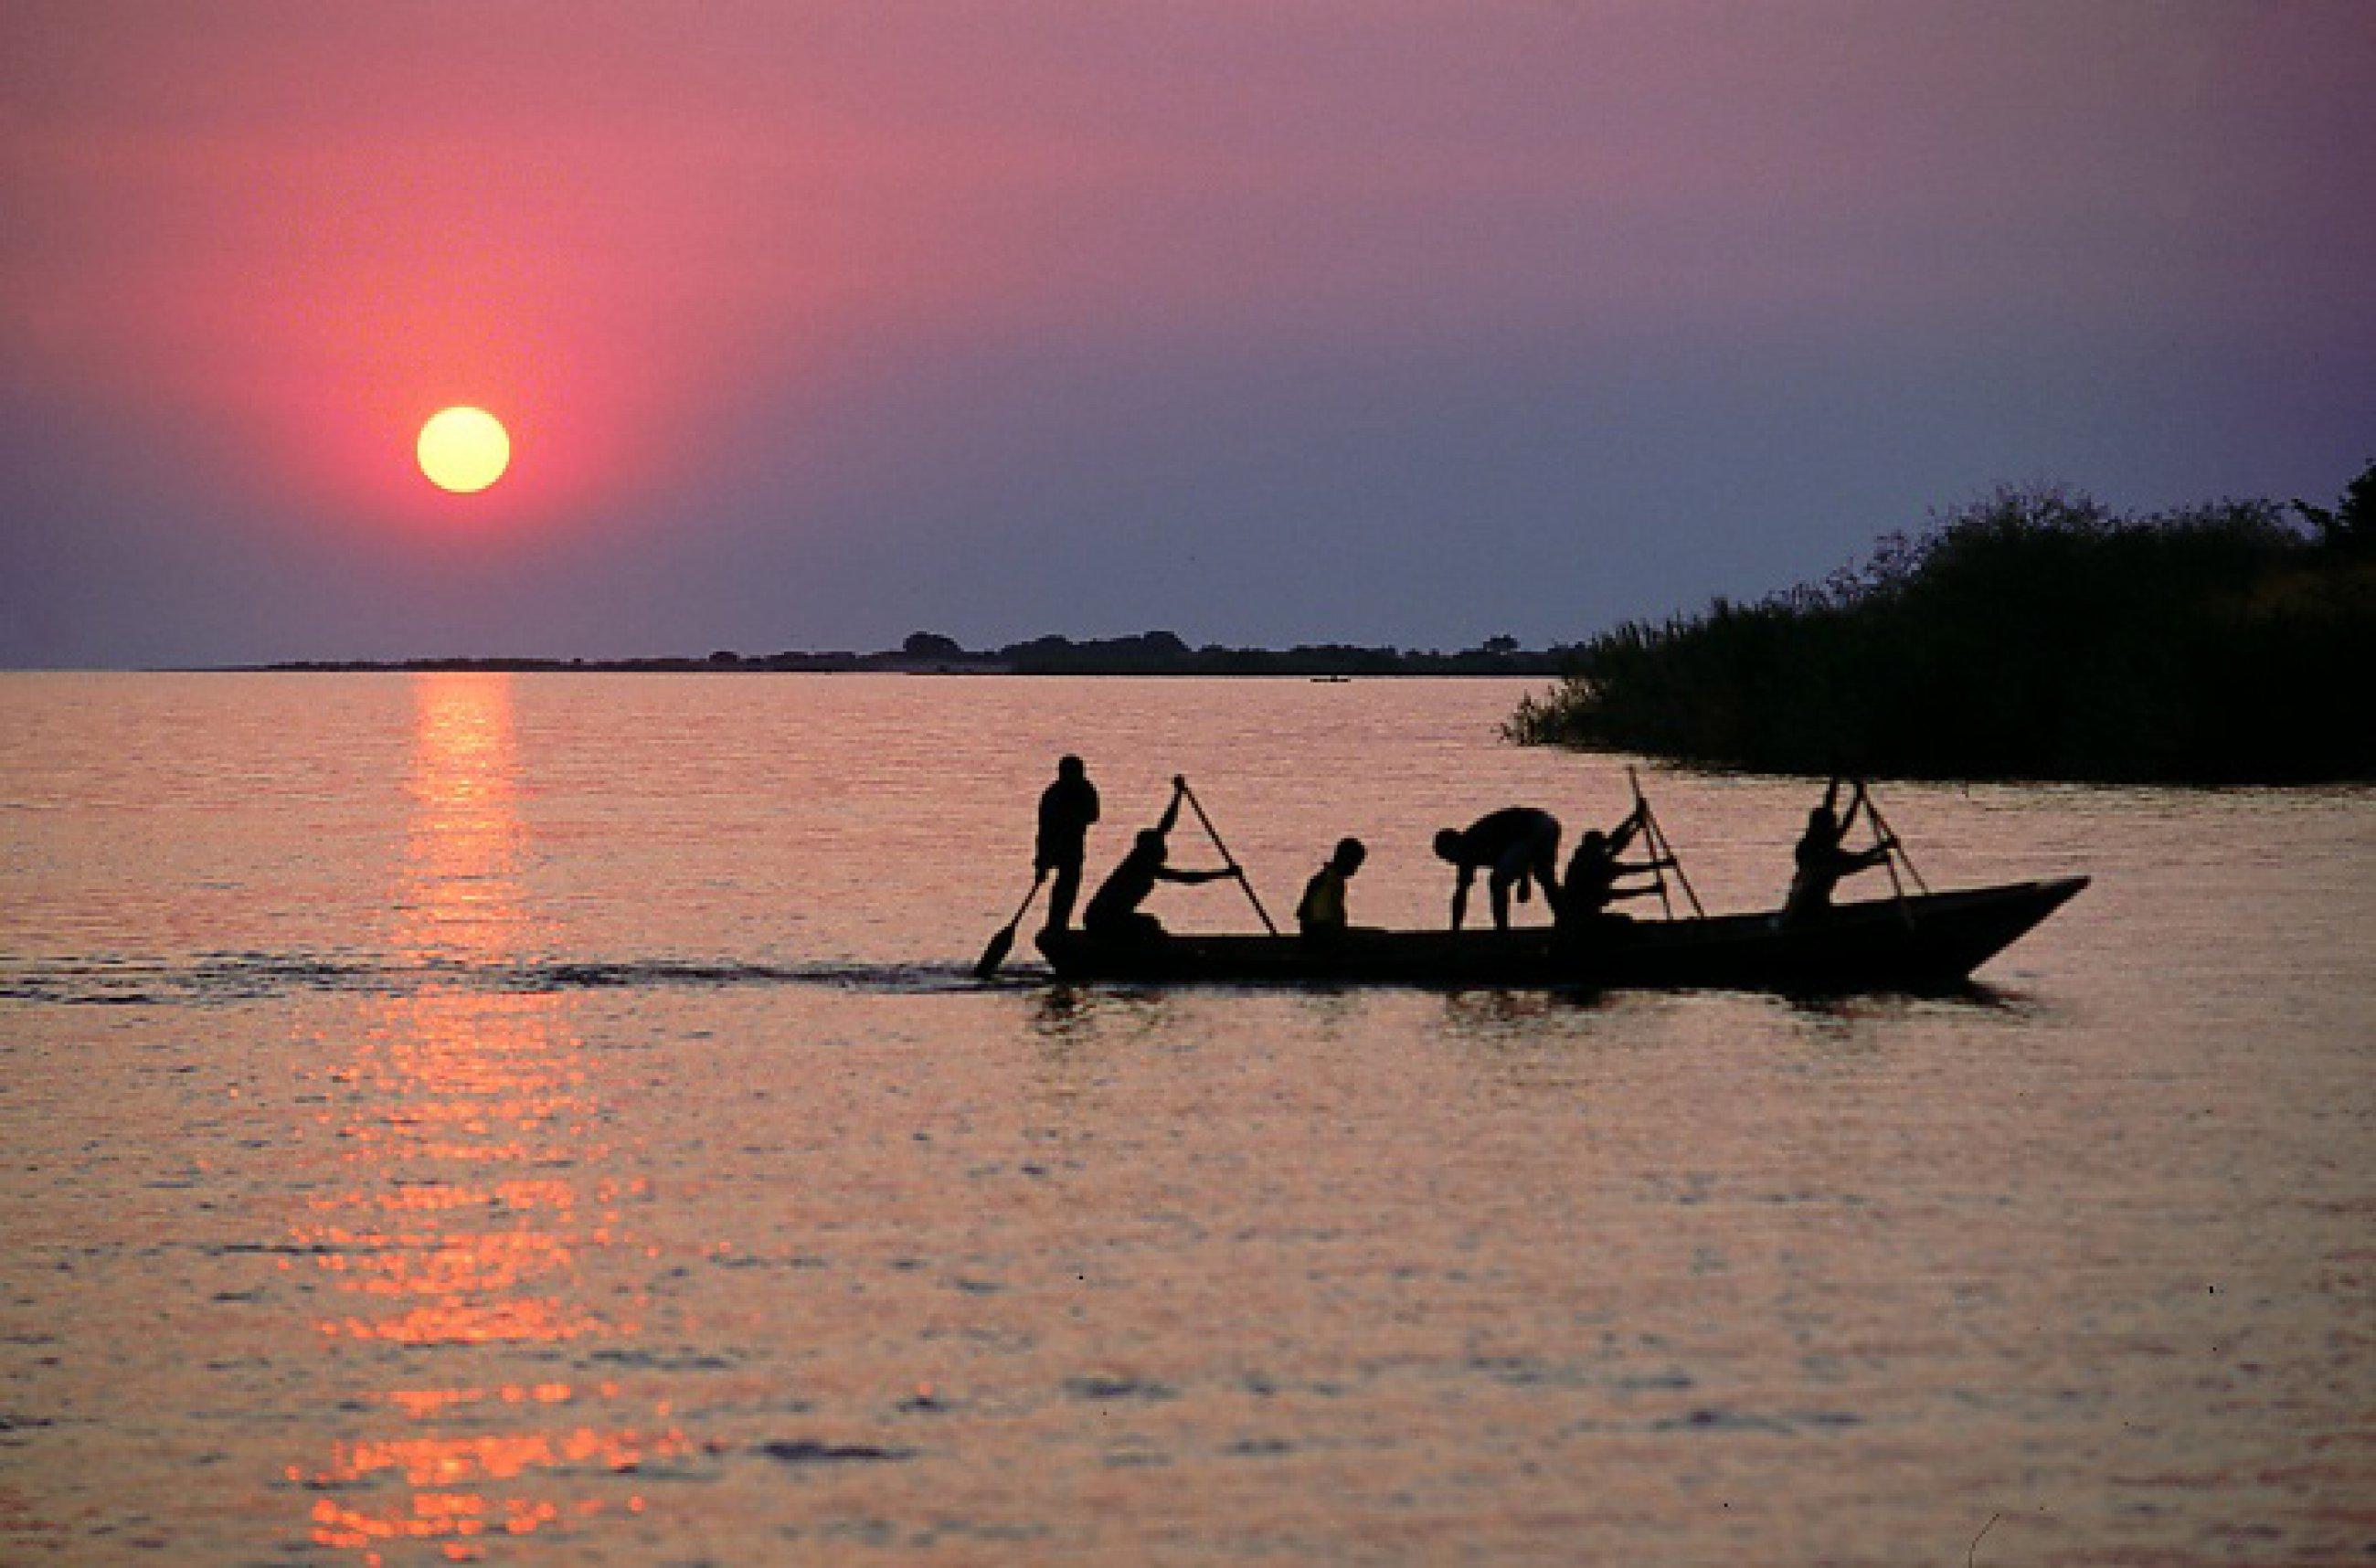 https://bubo.sk/uploads/galleries/4986/fisherman-on-lake-tanganyika.jpg